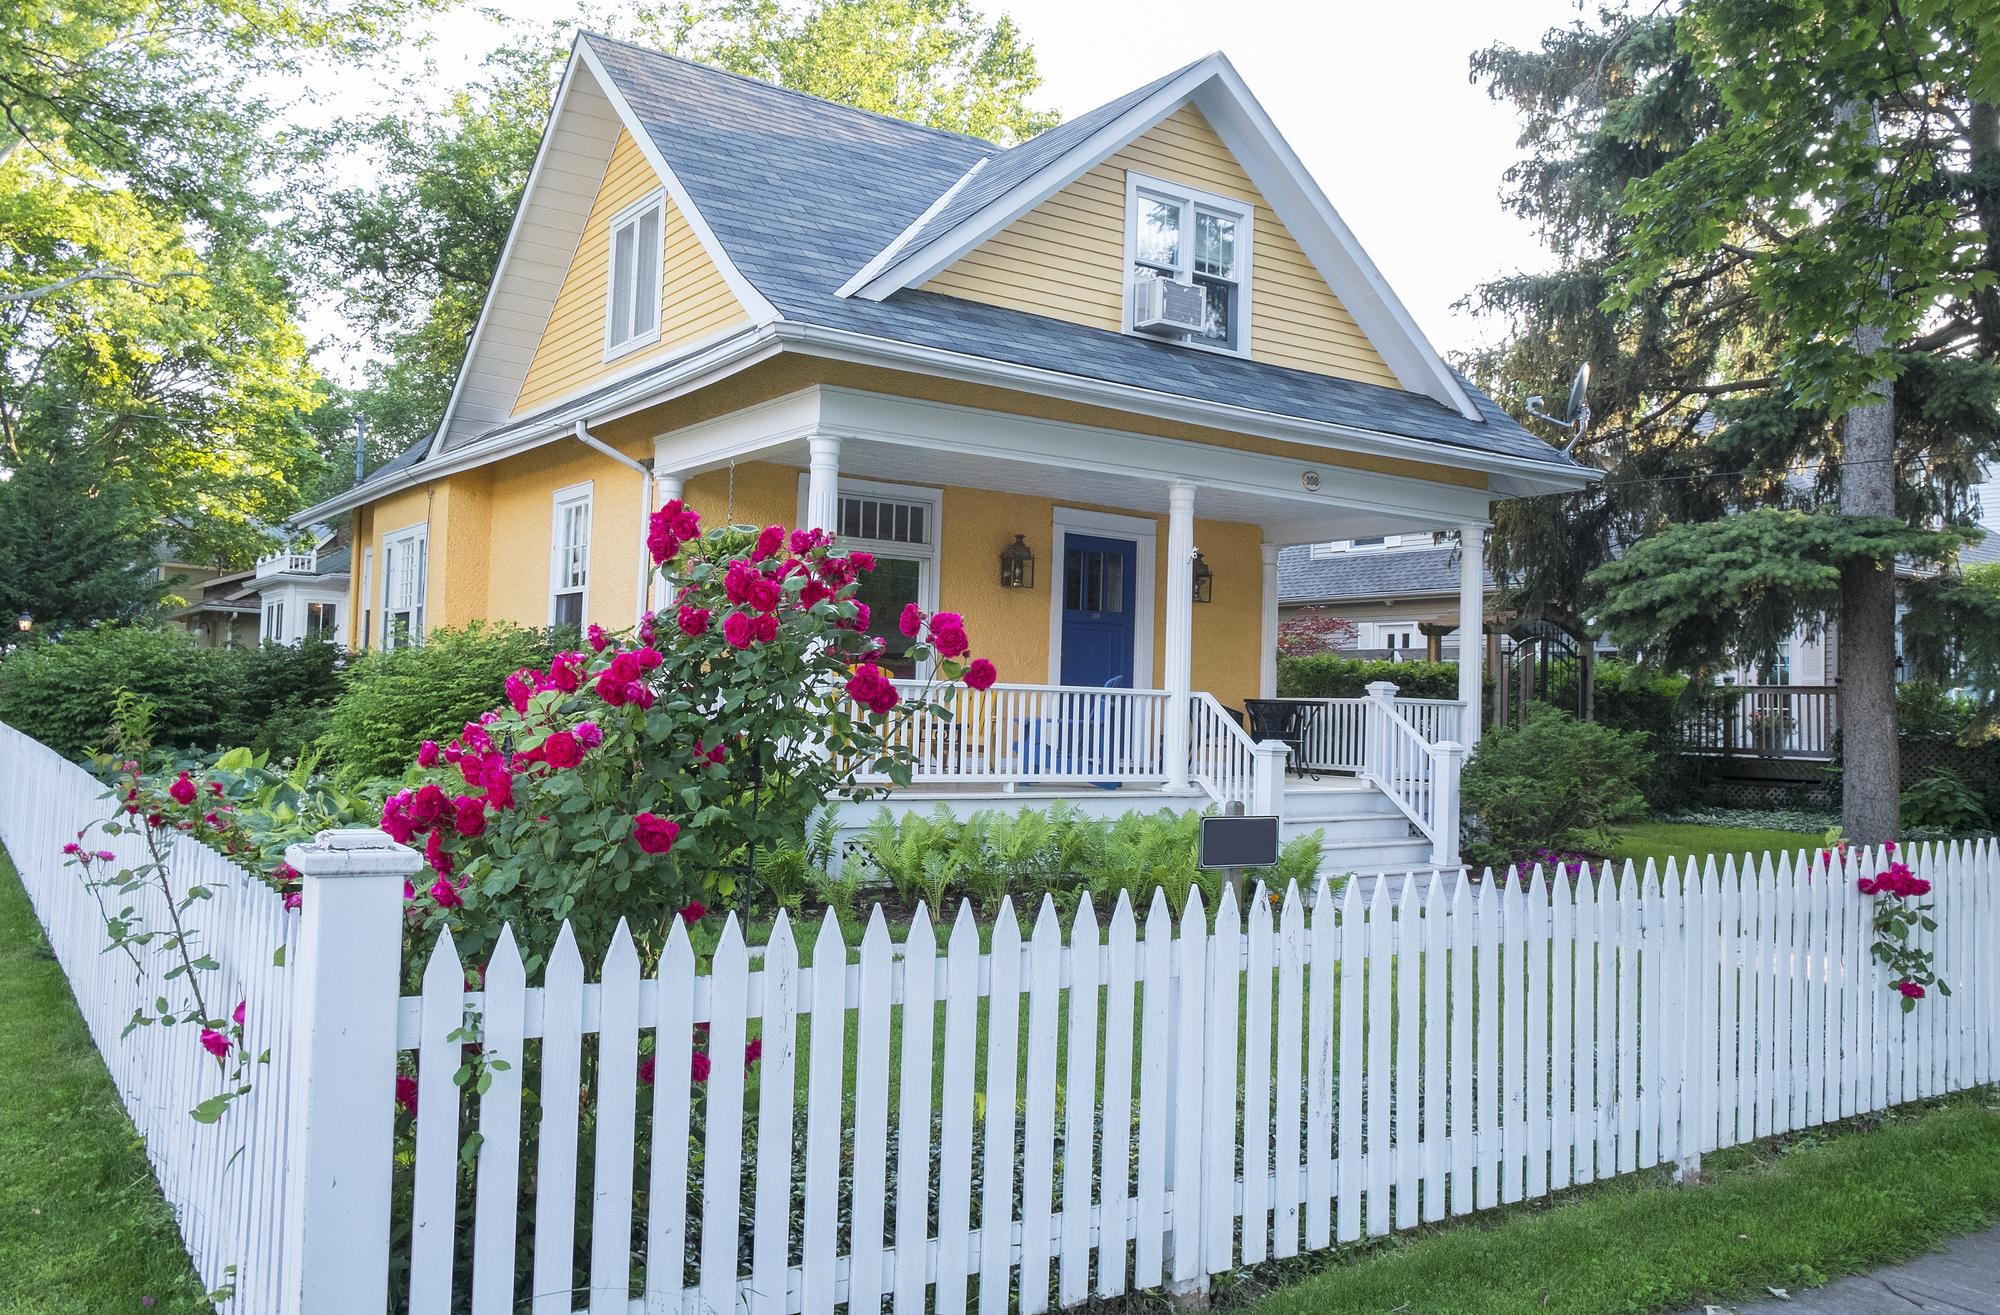 בית שאפשר לחיות בו בלי לקנות אותו ובלי להתאמץ כלכלית